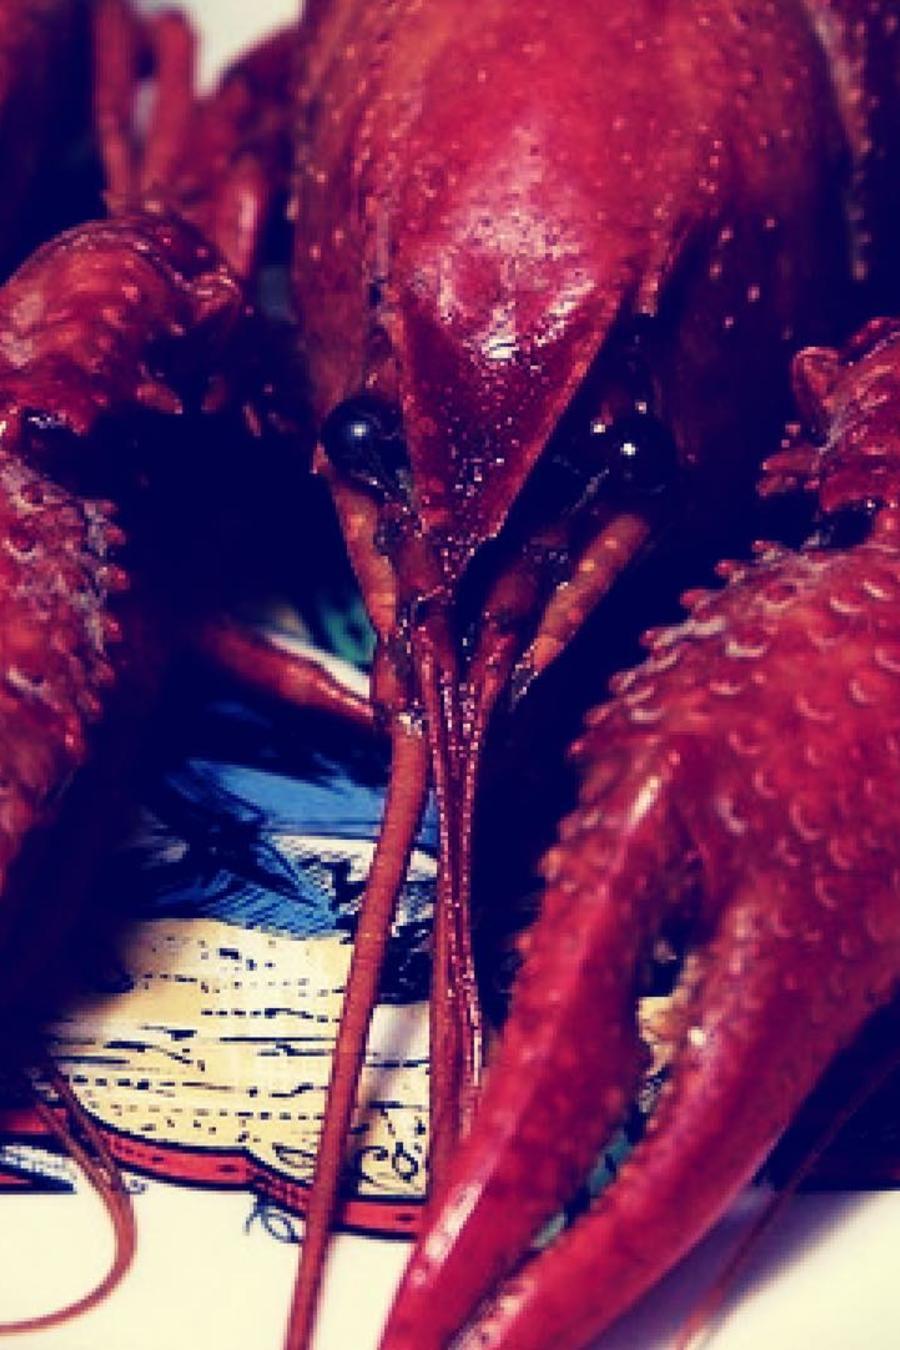 El cangrejo de río evitó convertirse en la cena arrancándose una de sus garras.